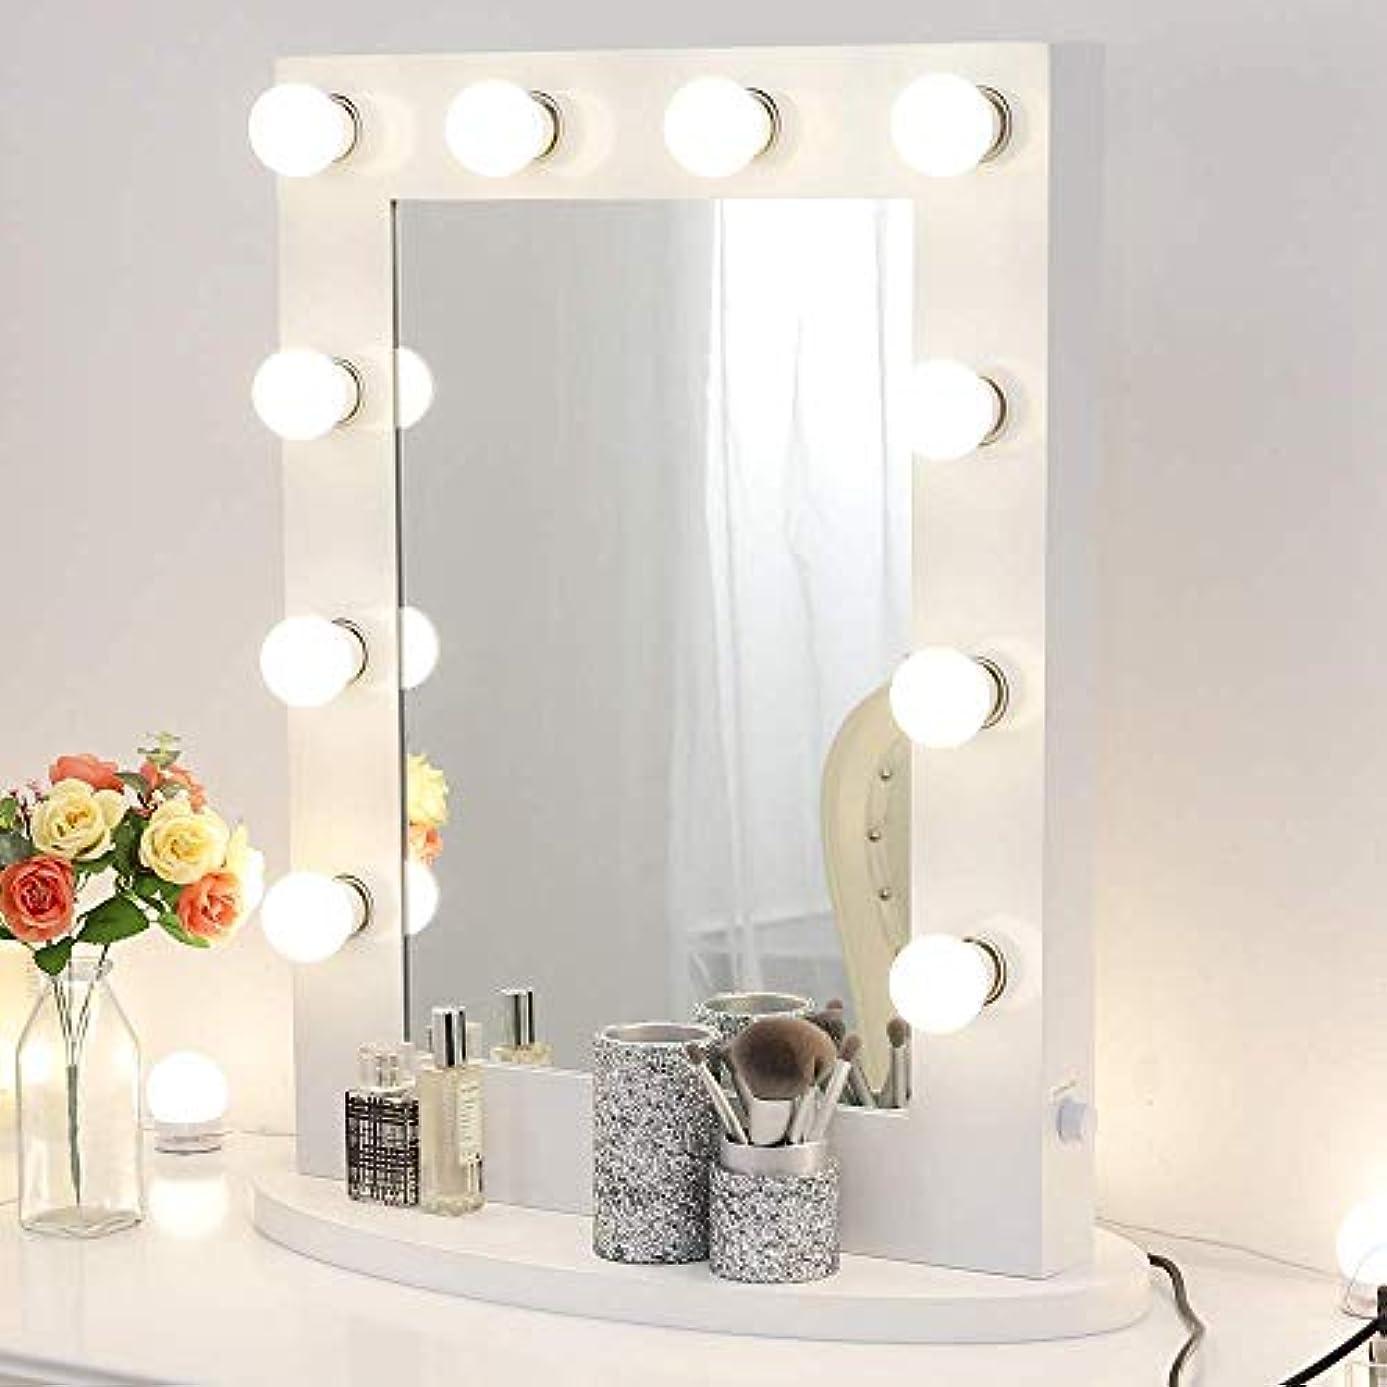 一生きらきら閉じ込める女優ミラー 女優鏡 大型 壁掛け LED ライト付き コンセント付き 無段階調光 化粧鏡 ハリウッドミラー ドレッサー (ホワイト)